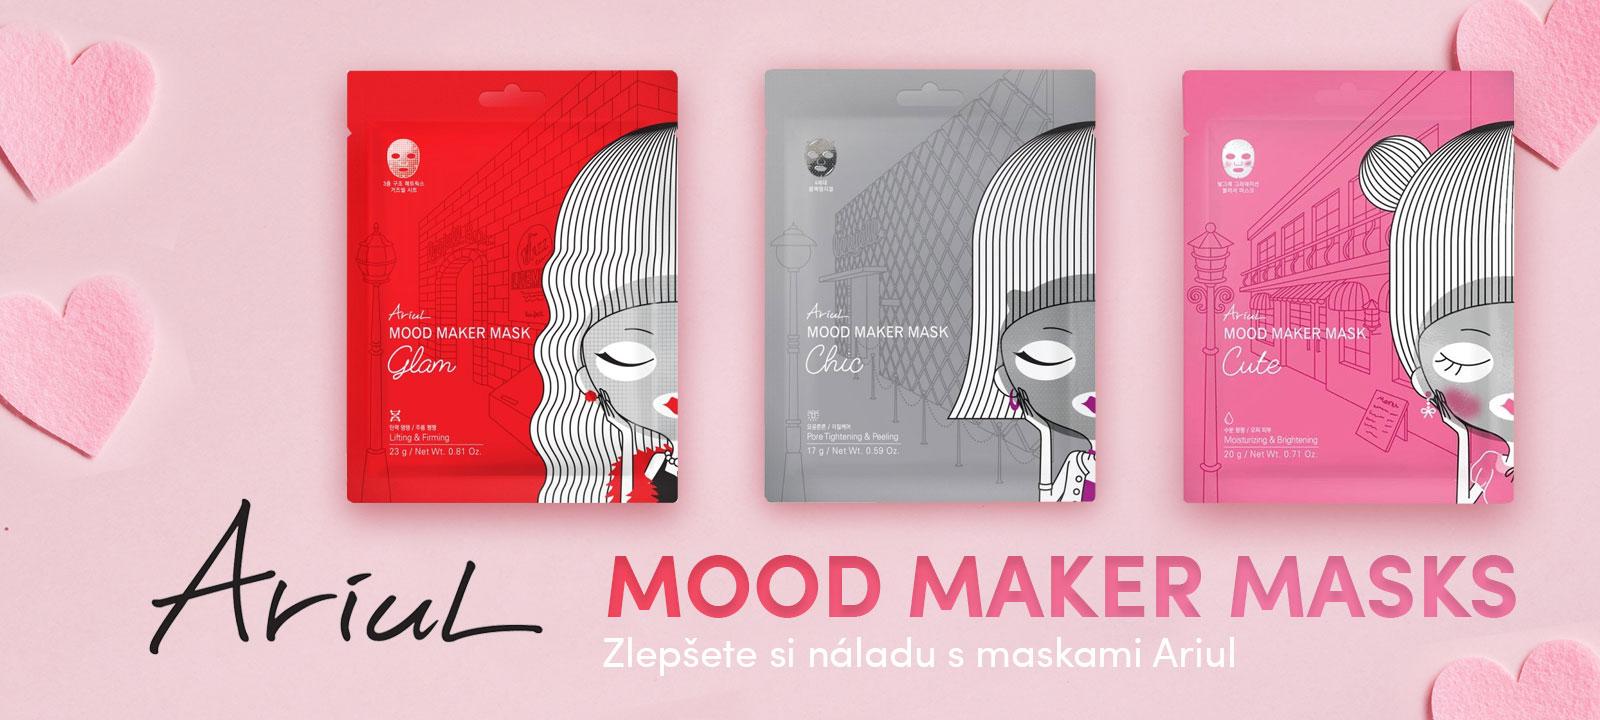 Ariul Mood Maker Mask